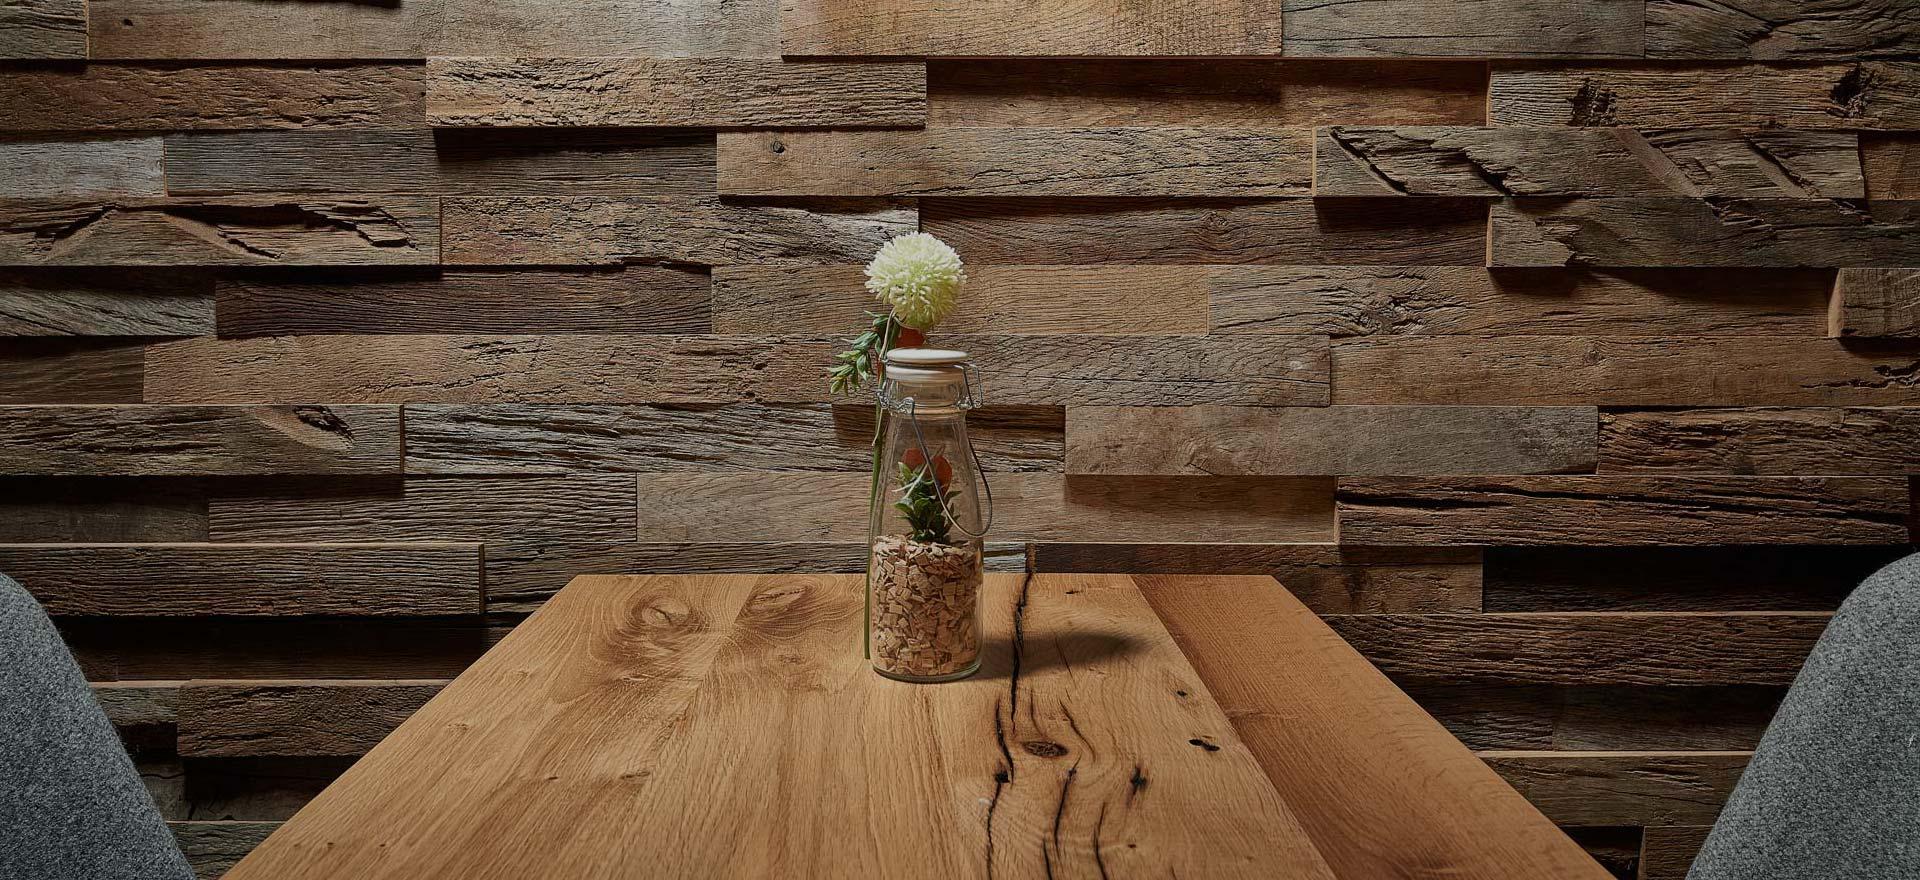 Holz Waidelich Waldenbuch altholz magazin altholz wandgestaltung holz waidelich